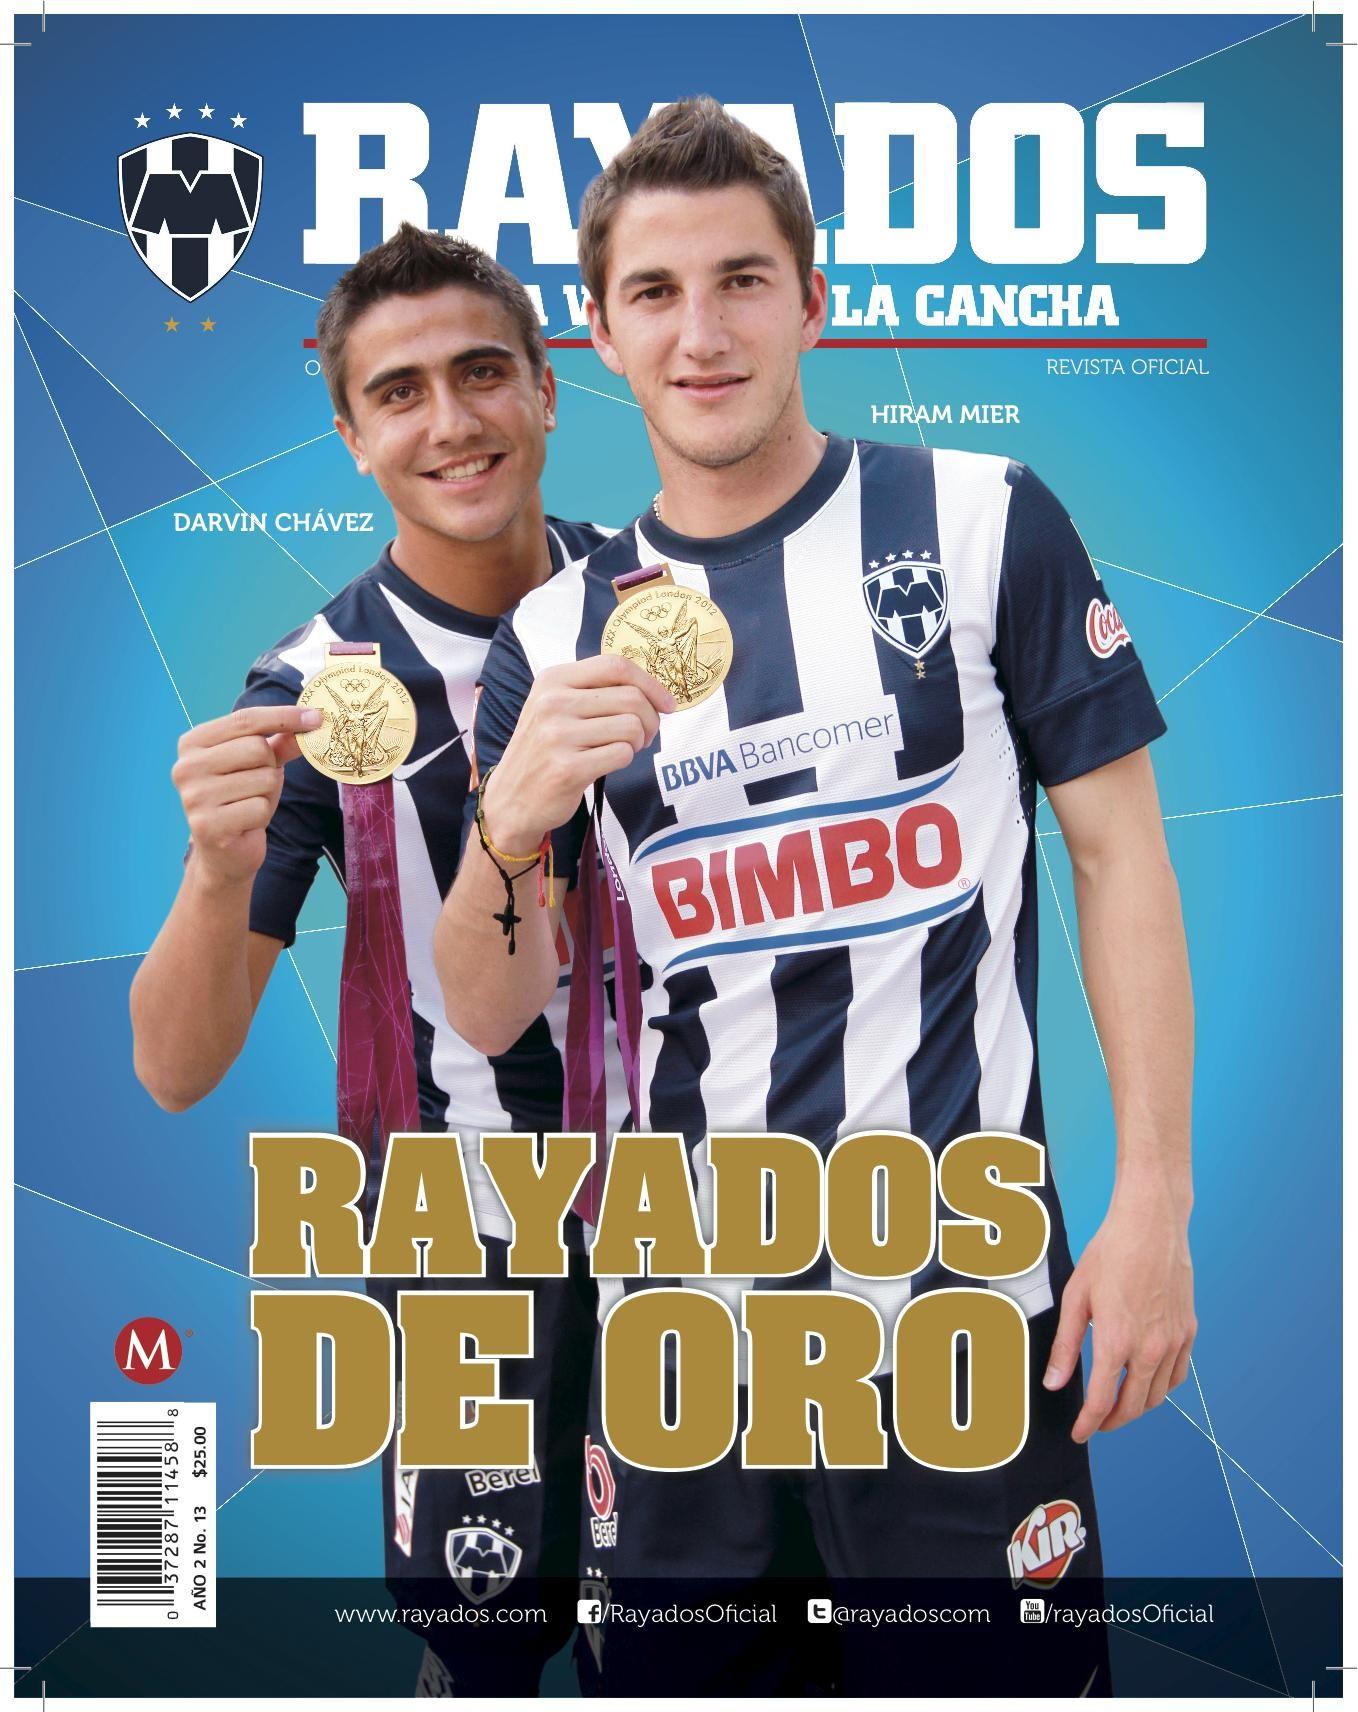 Revista Rayados Octubre.   De venta en Tienda Rayados y tiendas de autoservicios.